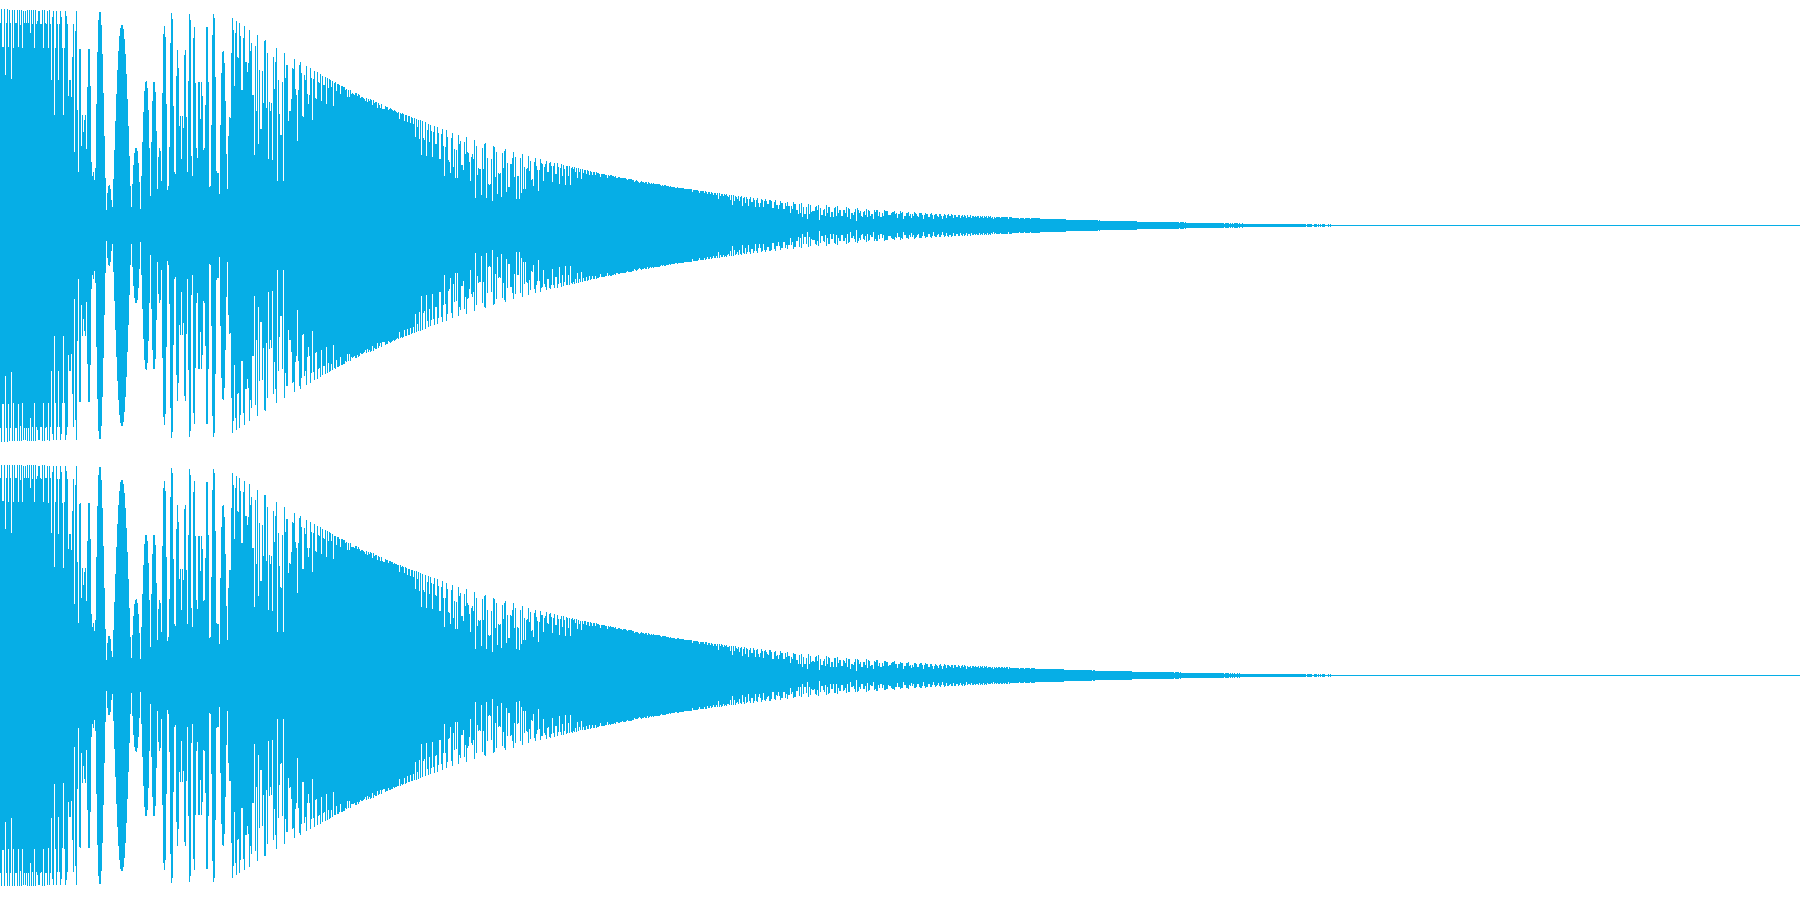 ボヨヨンと柔らかいものが揺れる02の再生済みの波形